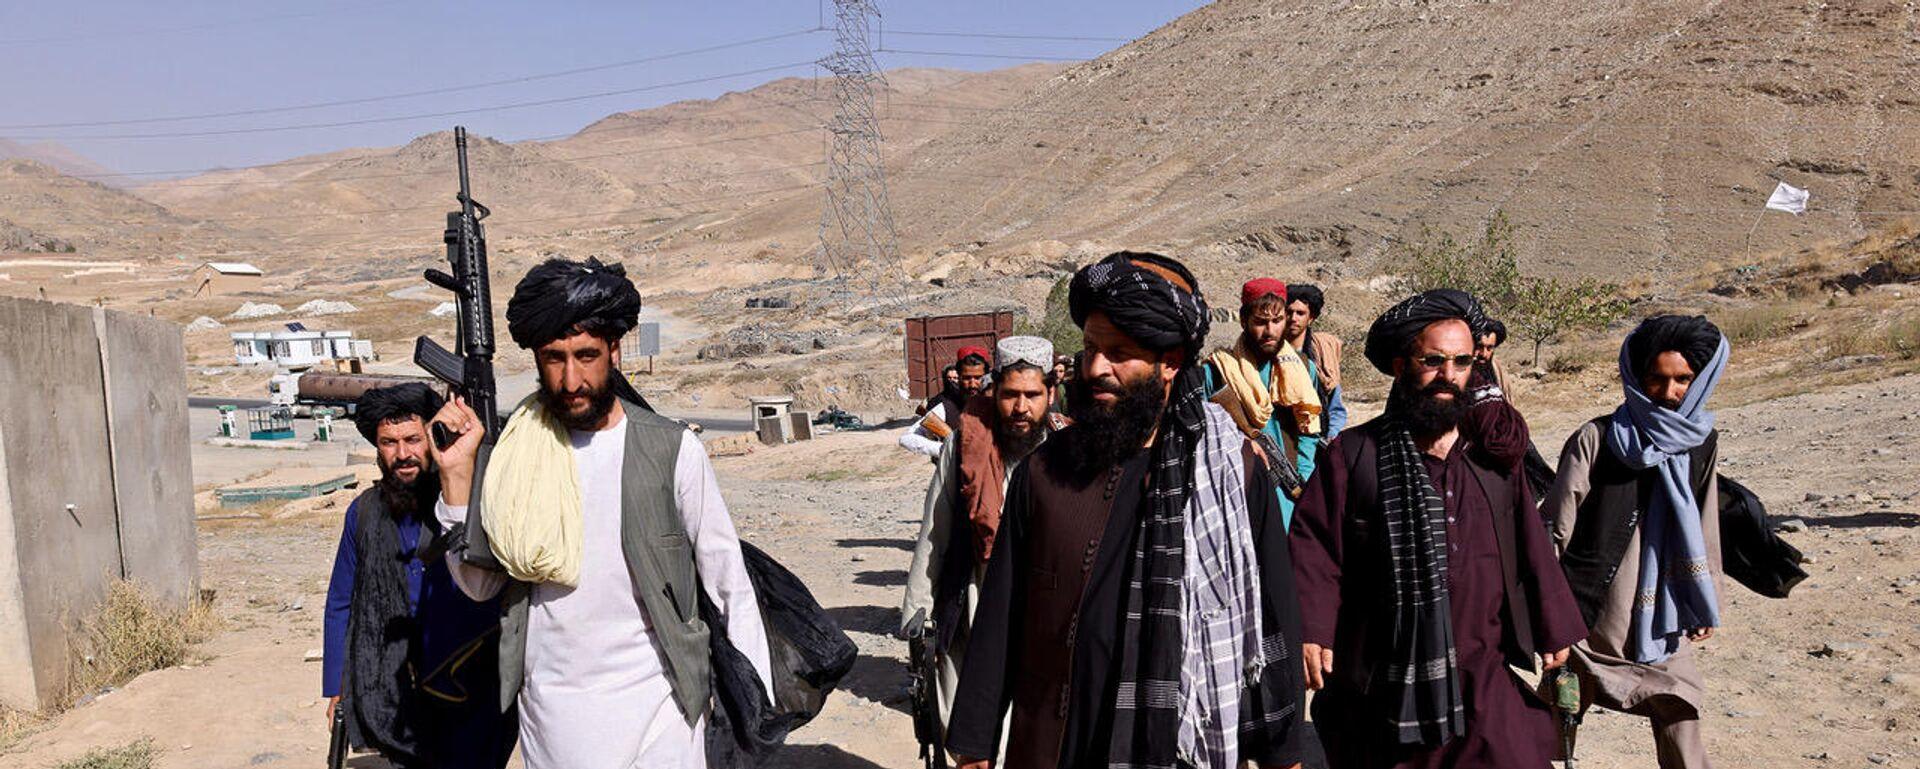 Talebani a Maidan Shar, capoluogo della provincia di Wardak - Sputnik Italia, 1920, 21.09.2021